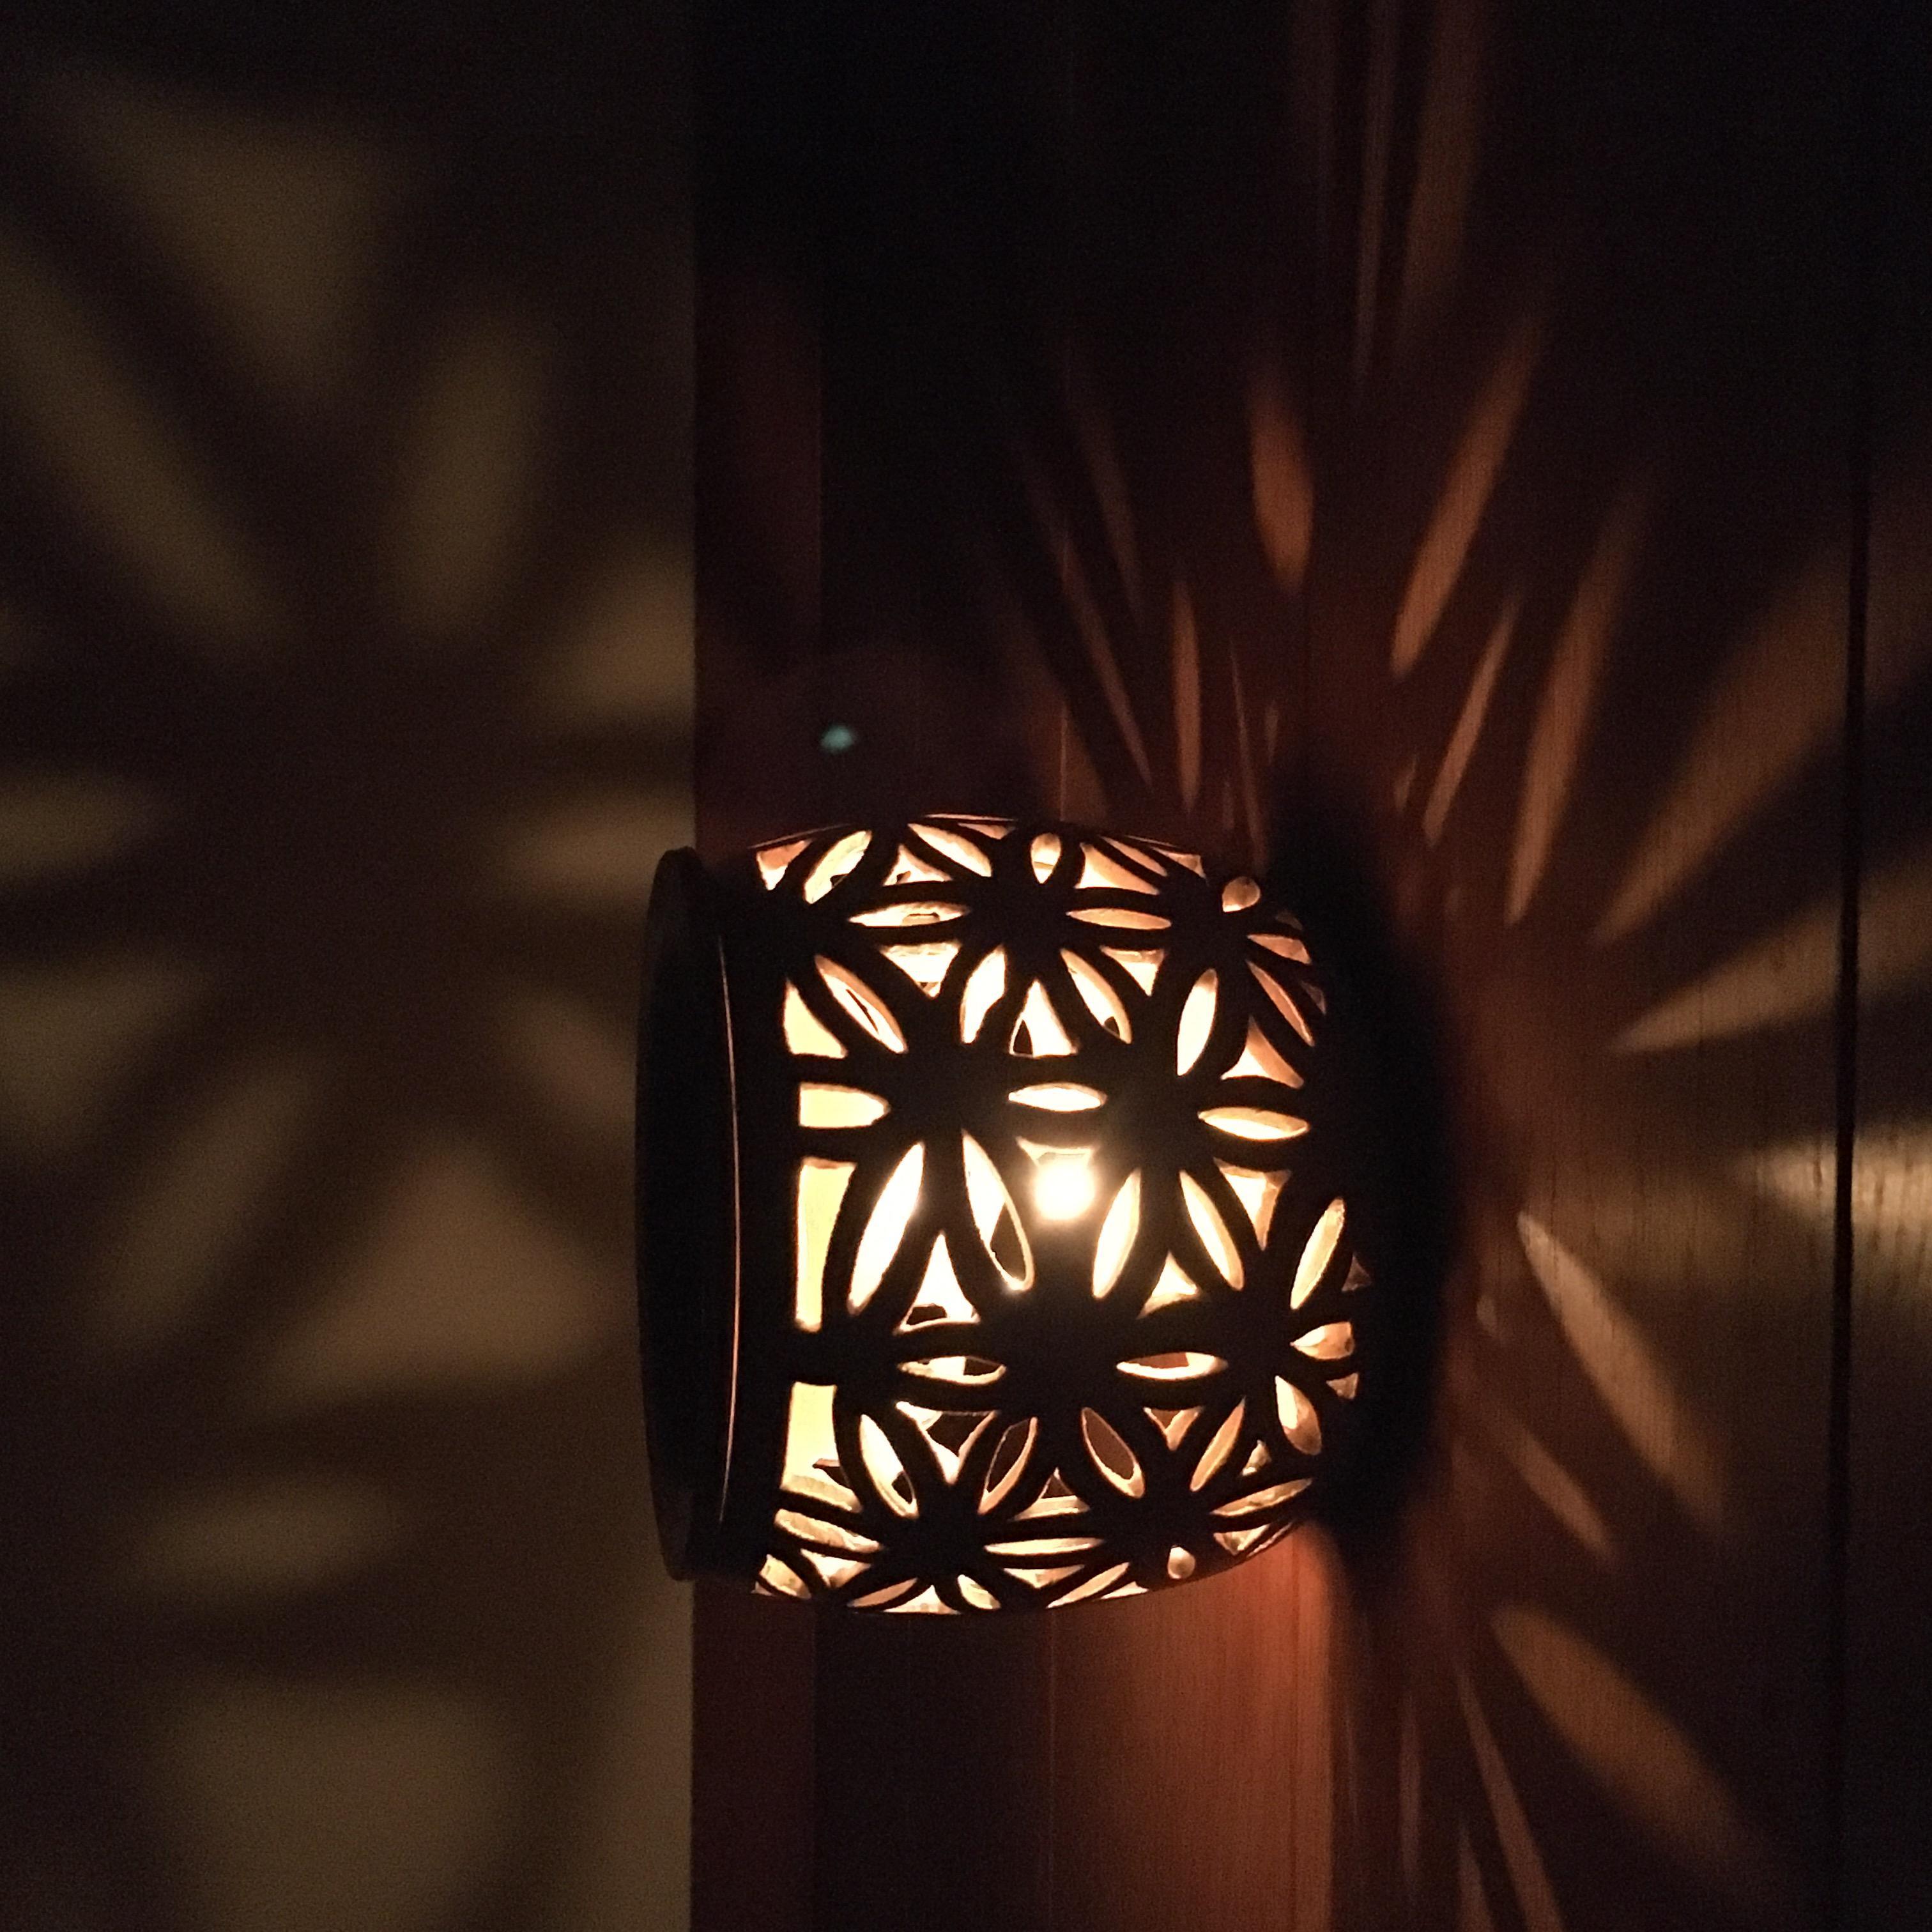 """Aromaöl-Lampe """"Blume des Lebens"""" - Aromaoil-Lamp """"Flower of Life"""""""